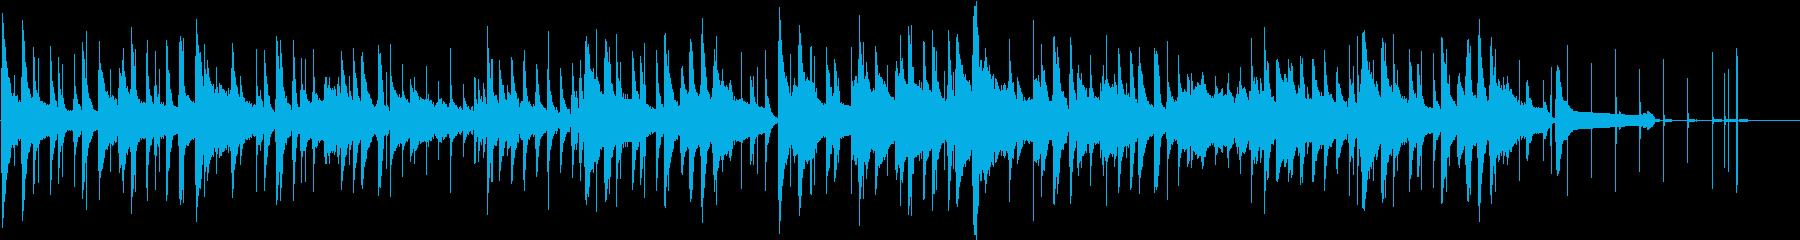 スモーキーなサウンドスケープを演出...の再生済みの波形